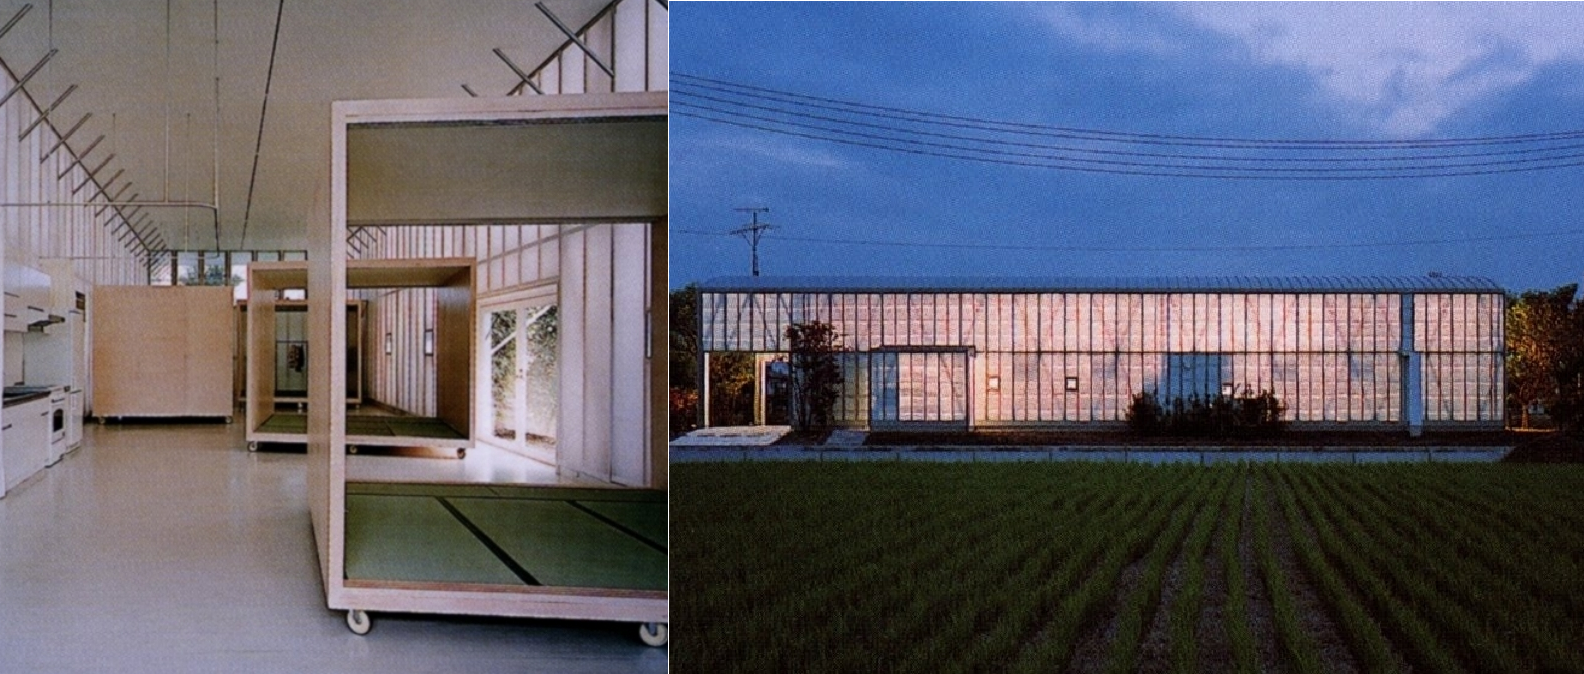 El mirador de las artes shigeru ban premio pritzker 2014 for Muebles regalados en madrid